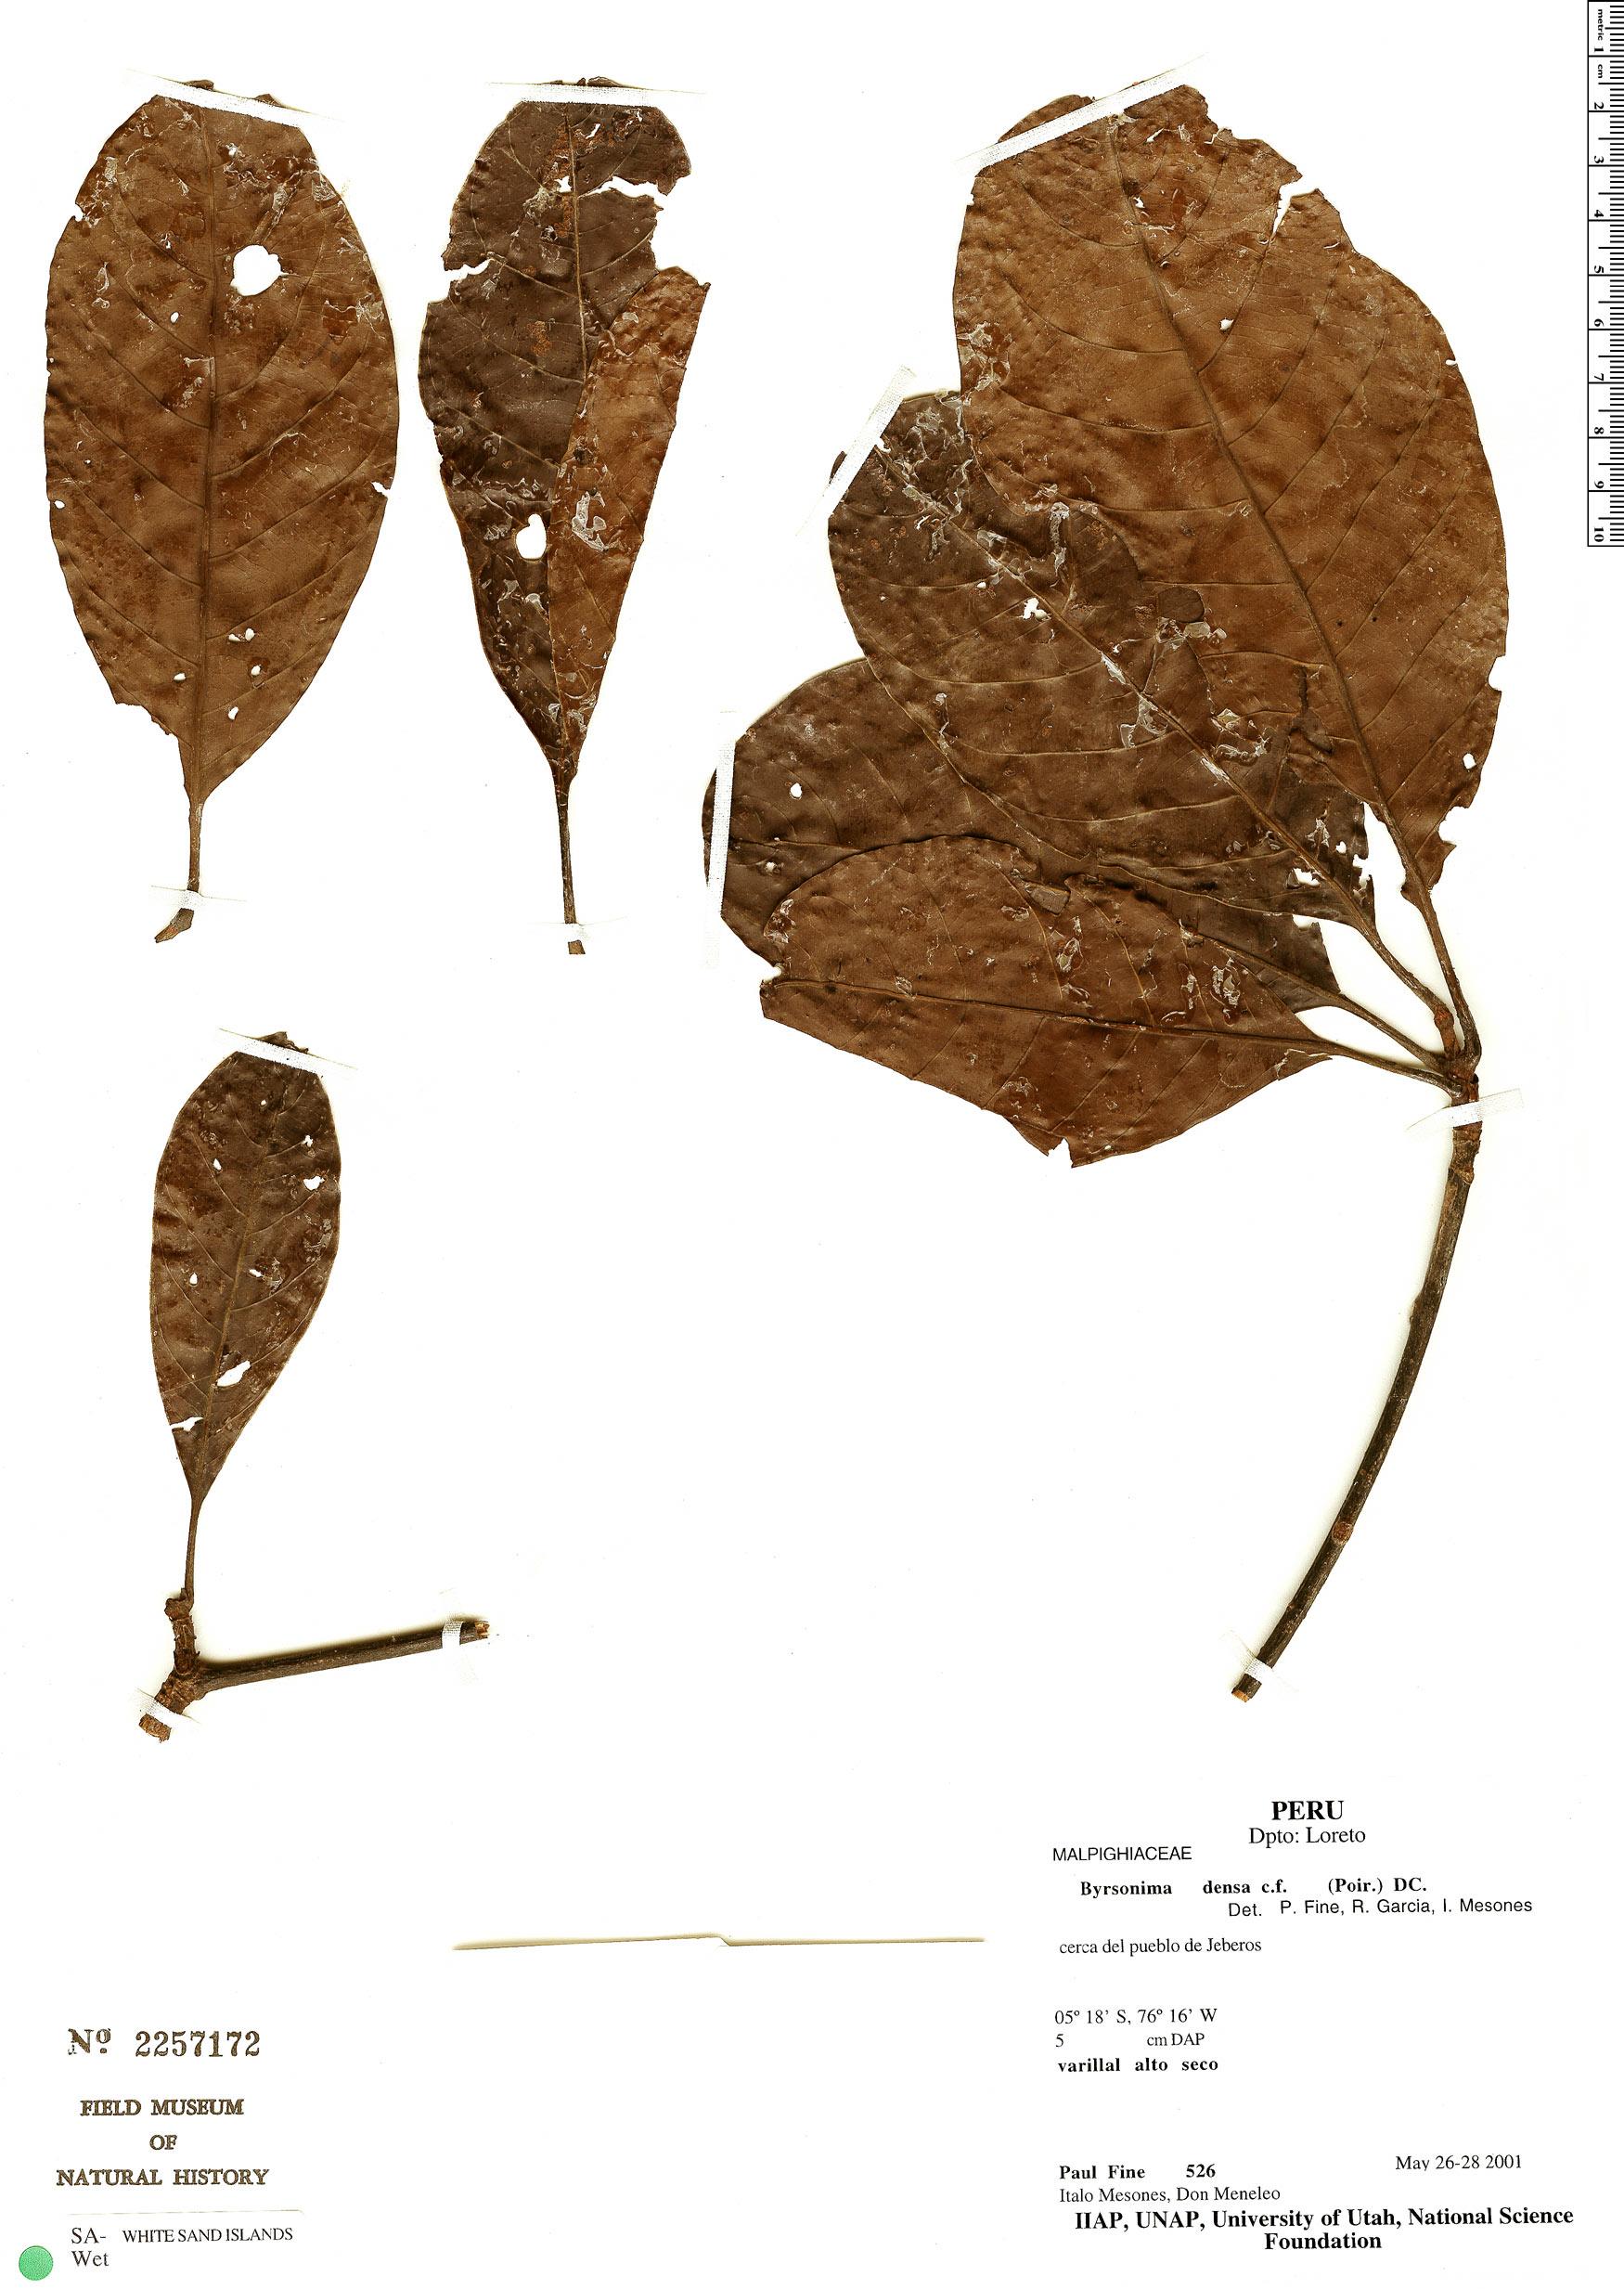 Specimen: Byrsonima densa